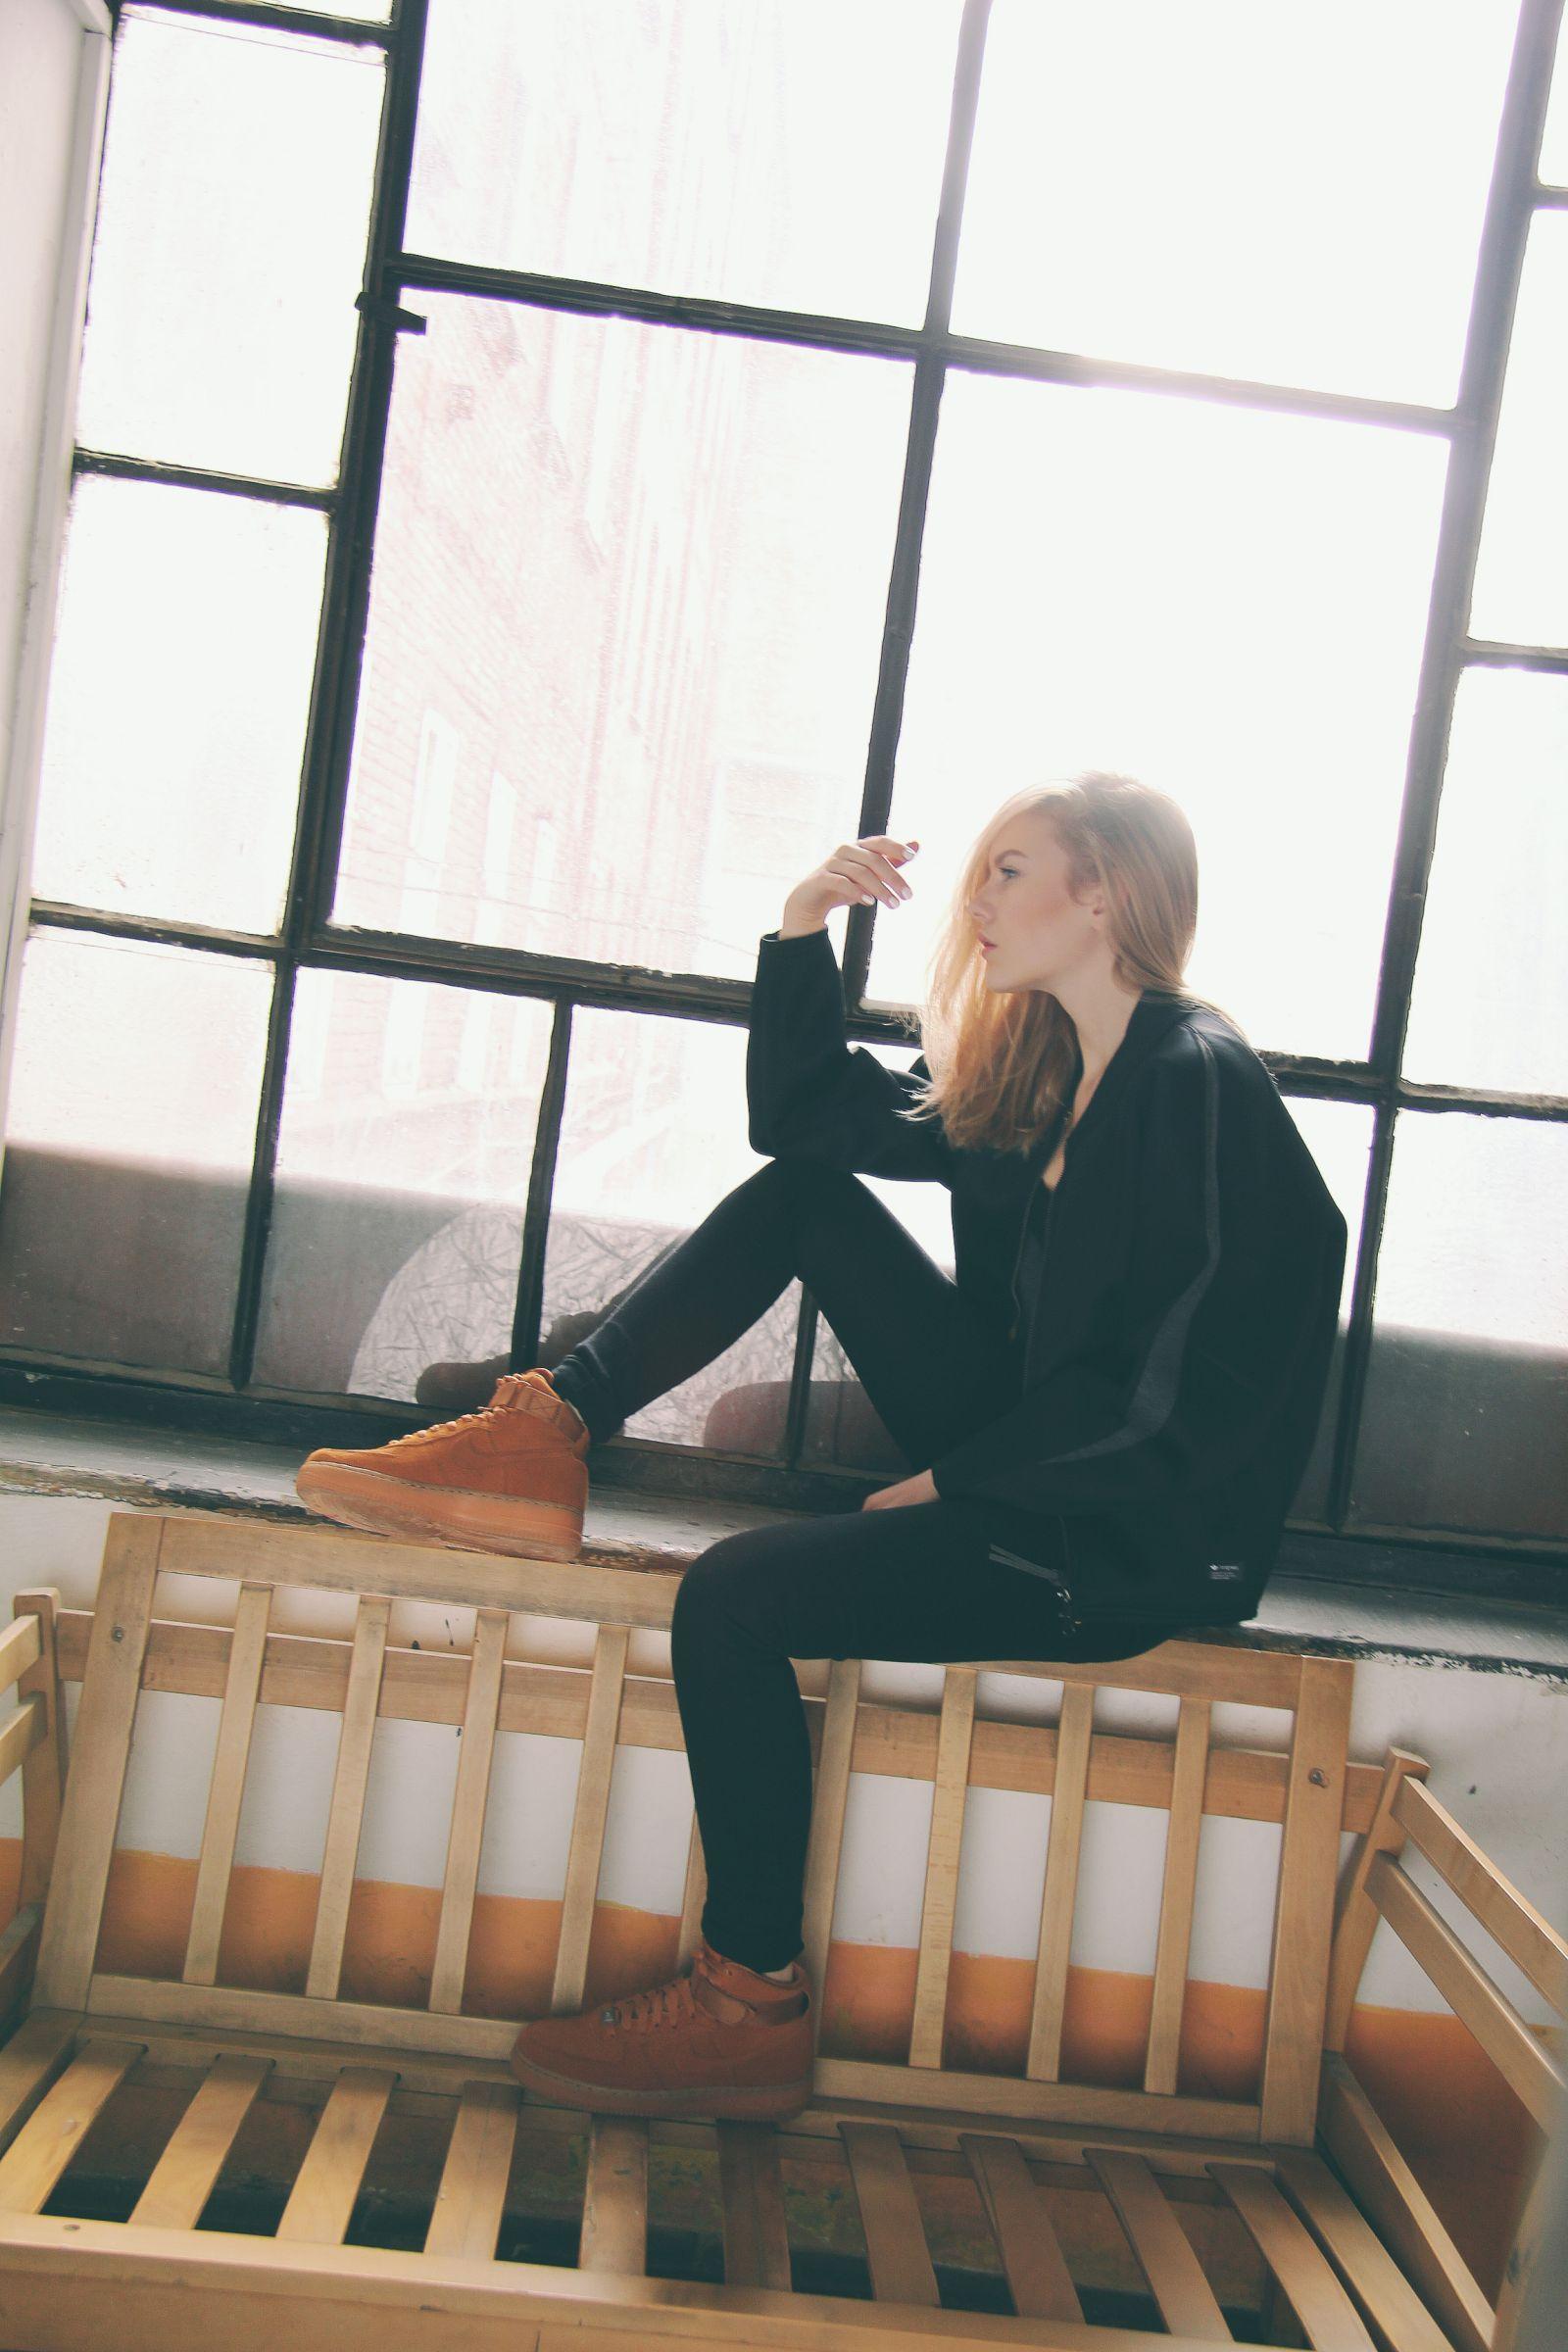 Annet Charitonova o blogování, YouTube a hudební kariéře